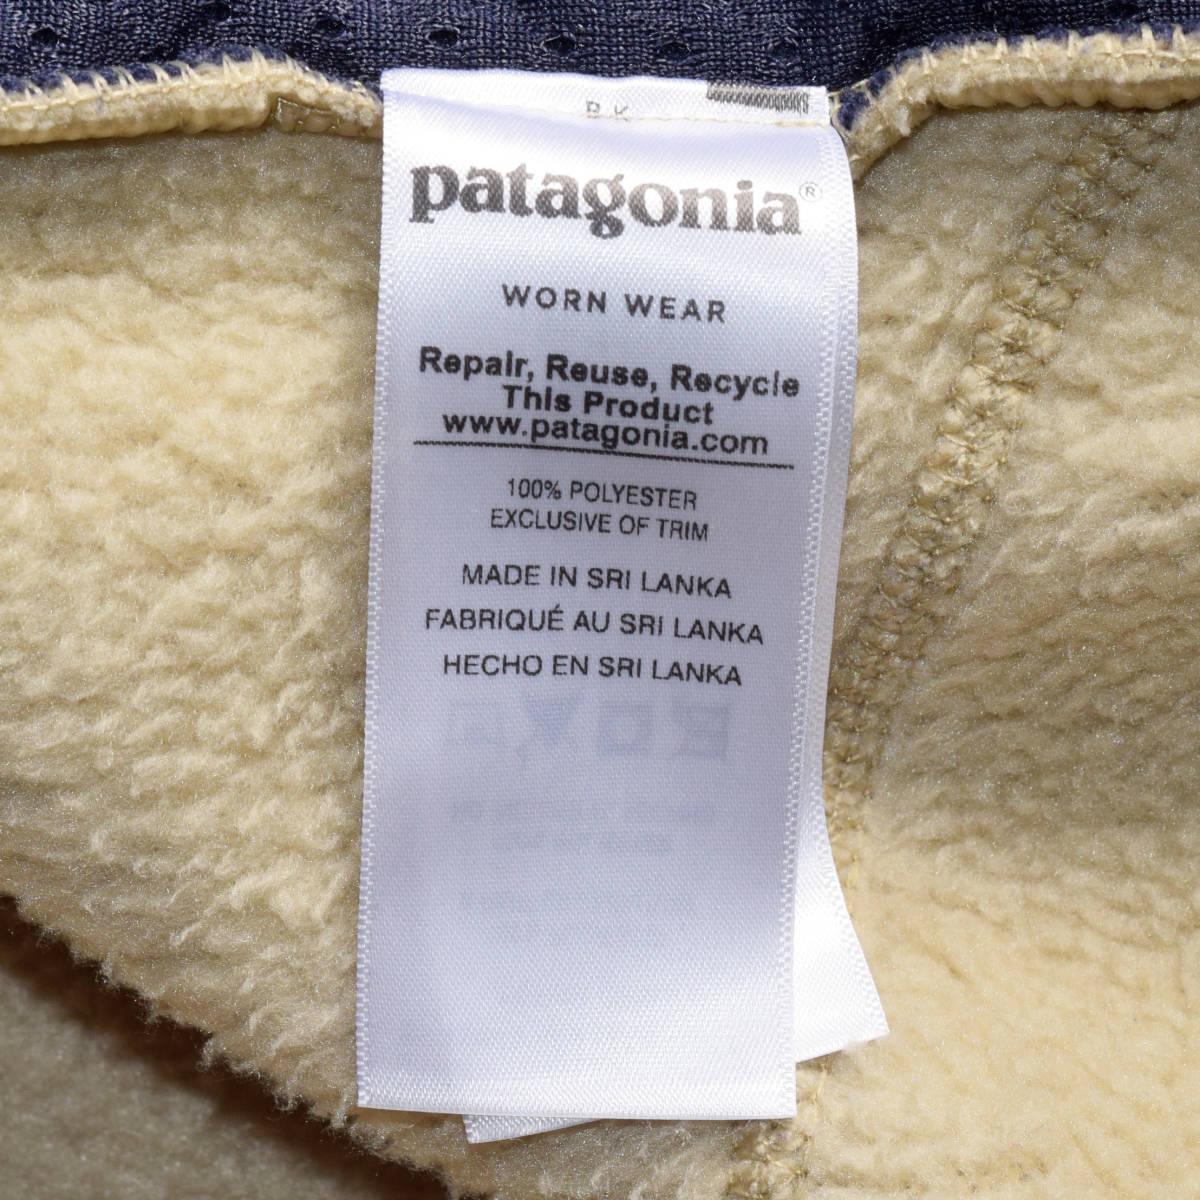 美品!人気カラー patagonia パタゴニア MEN'S retro pile jacket M サイズ レトロパイル ジャケット レトロX 希少カラー _画像5